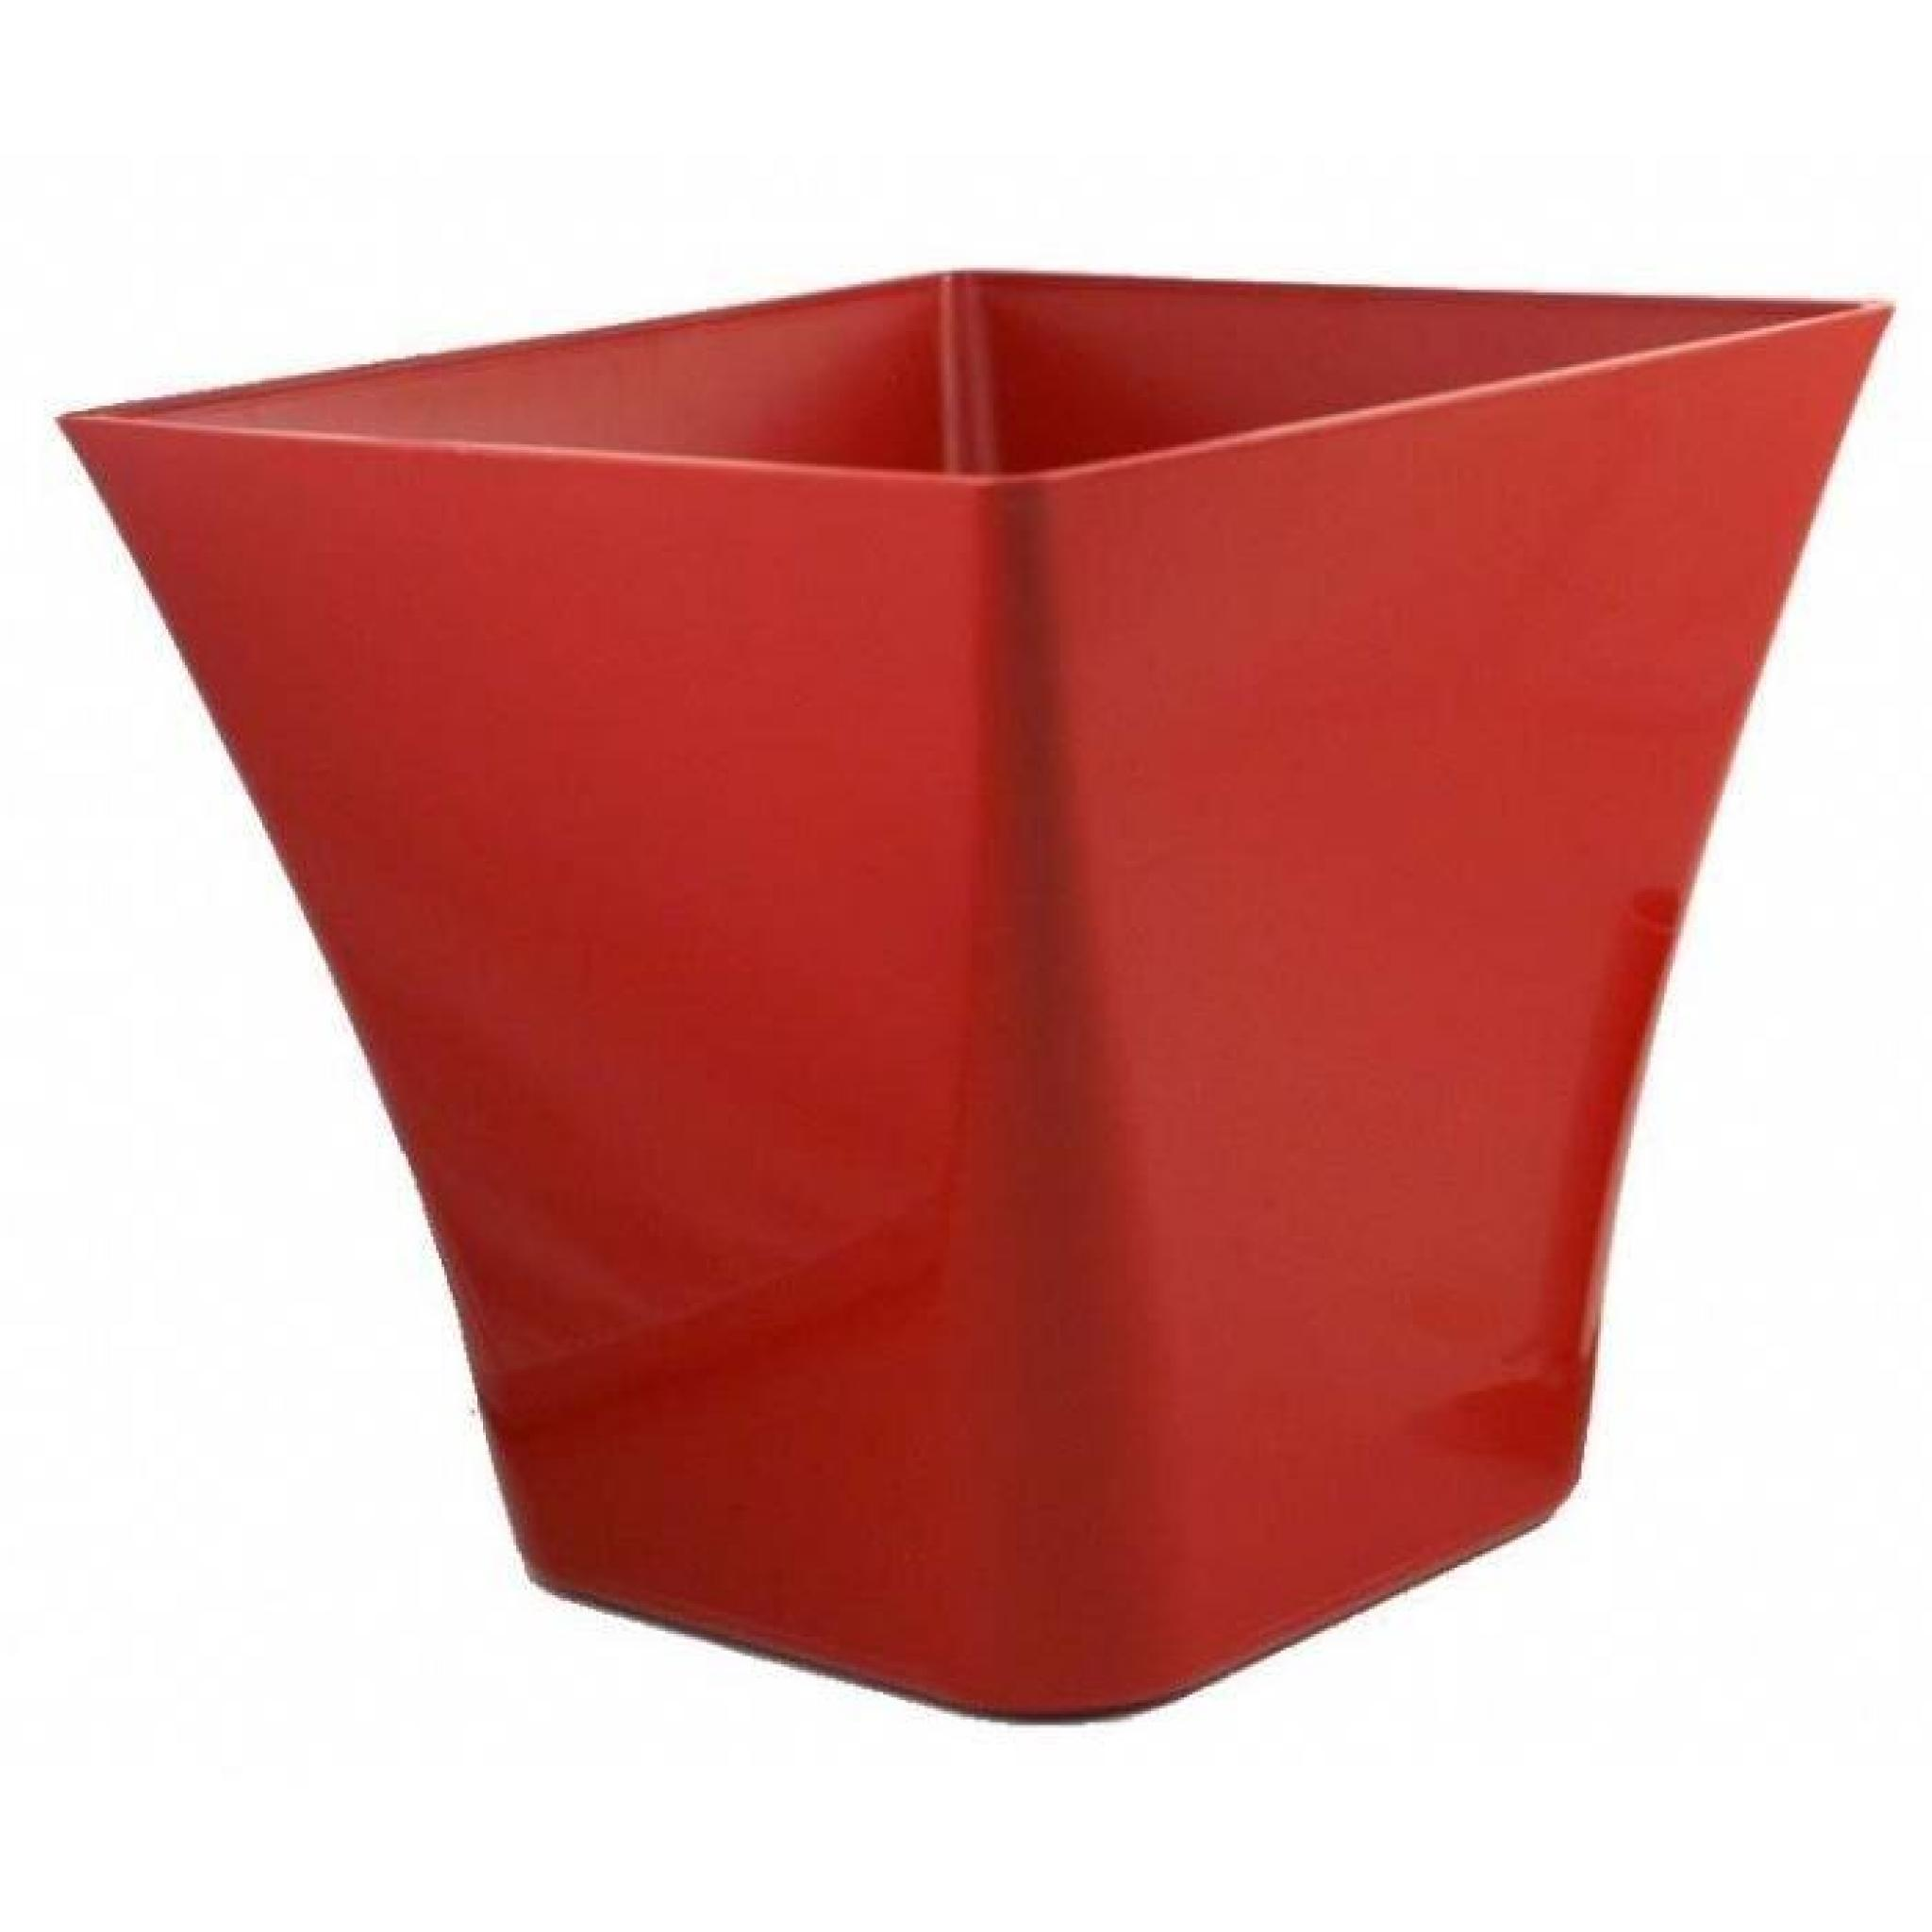 Pot laurea carre 19x19x17 chapelu rouge lot de 2 achat - Carre de jardin pas cher ...